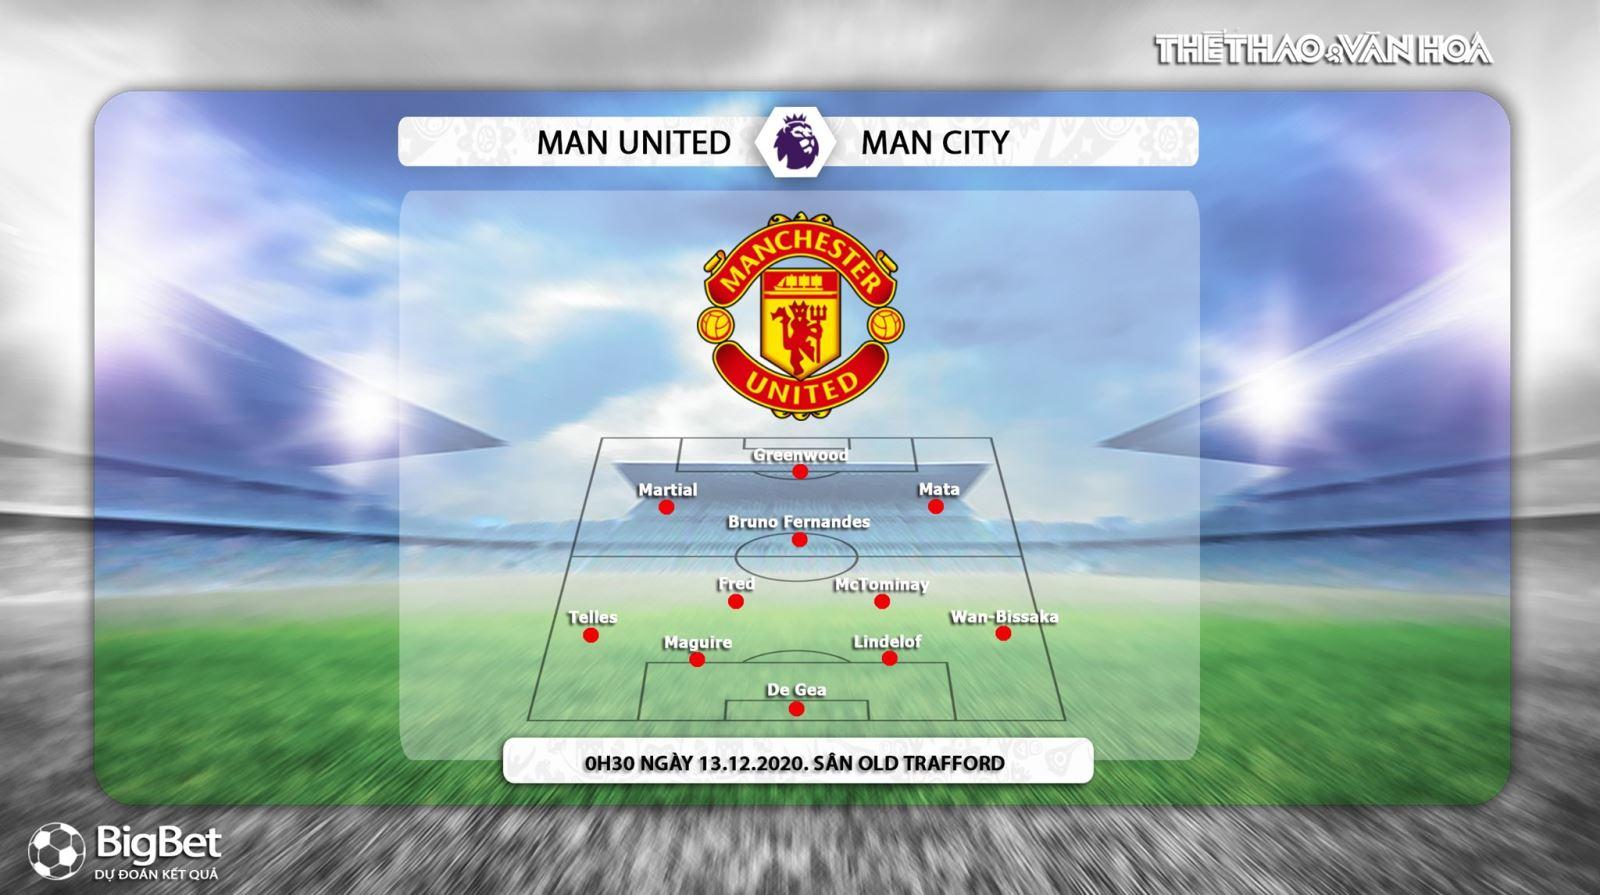 Keo nha cai, Kèo nhà cái, MU vs Man City, Trực tiếp bóng đá, K+PM, Ngoại hạng Anh vòng 12, soi kèo MU đấu với Man City, trực tiếp bóng đá MU vs Man City, kèo MU